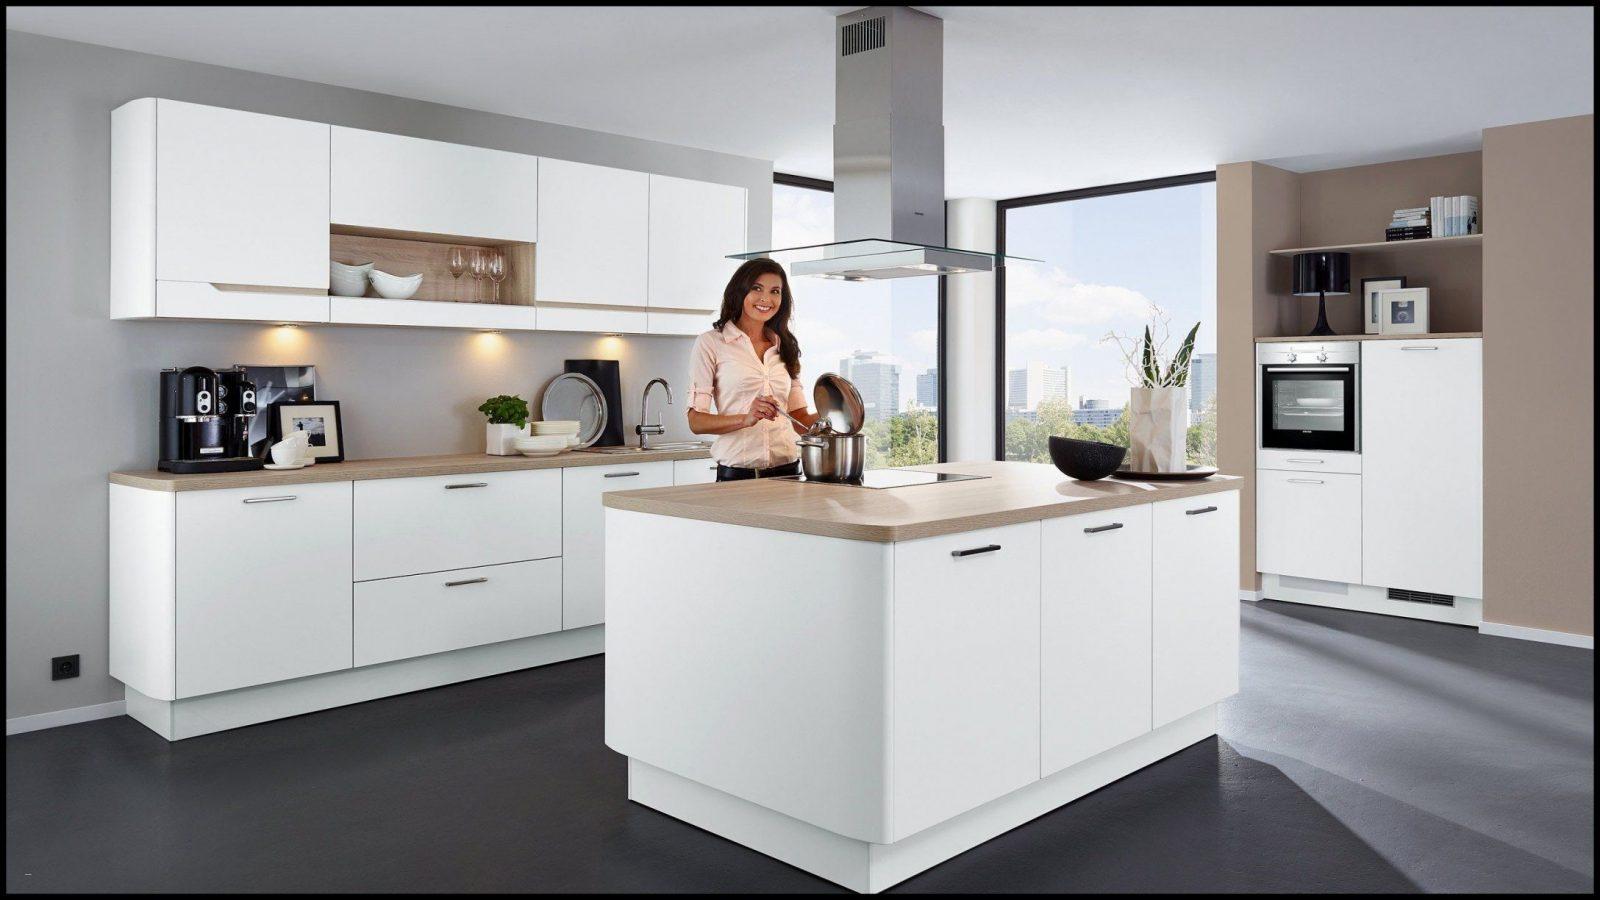 Moderne Küchen Farben Wunderbar Kuche Mit Insel Moderne Kchen Attent von Küche Mit Kochinsel Gebraucht Bild